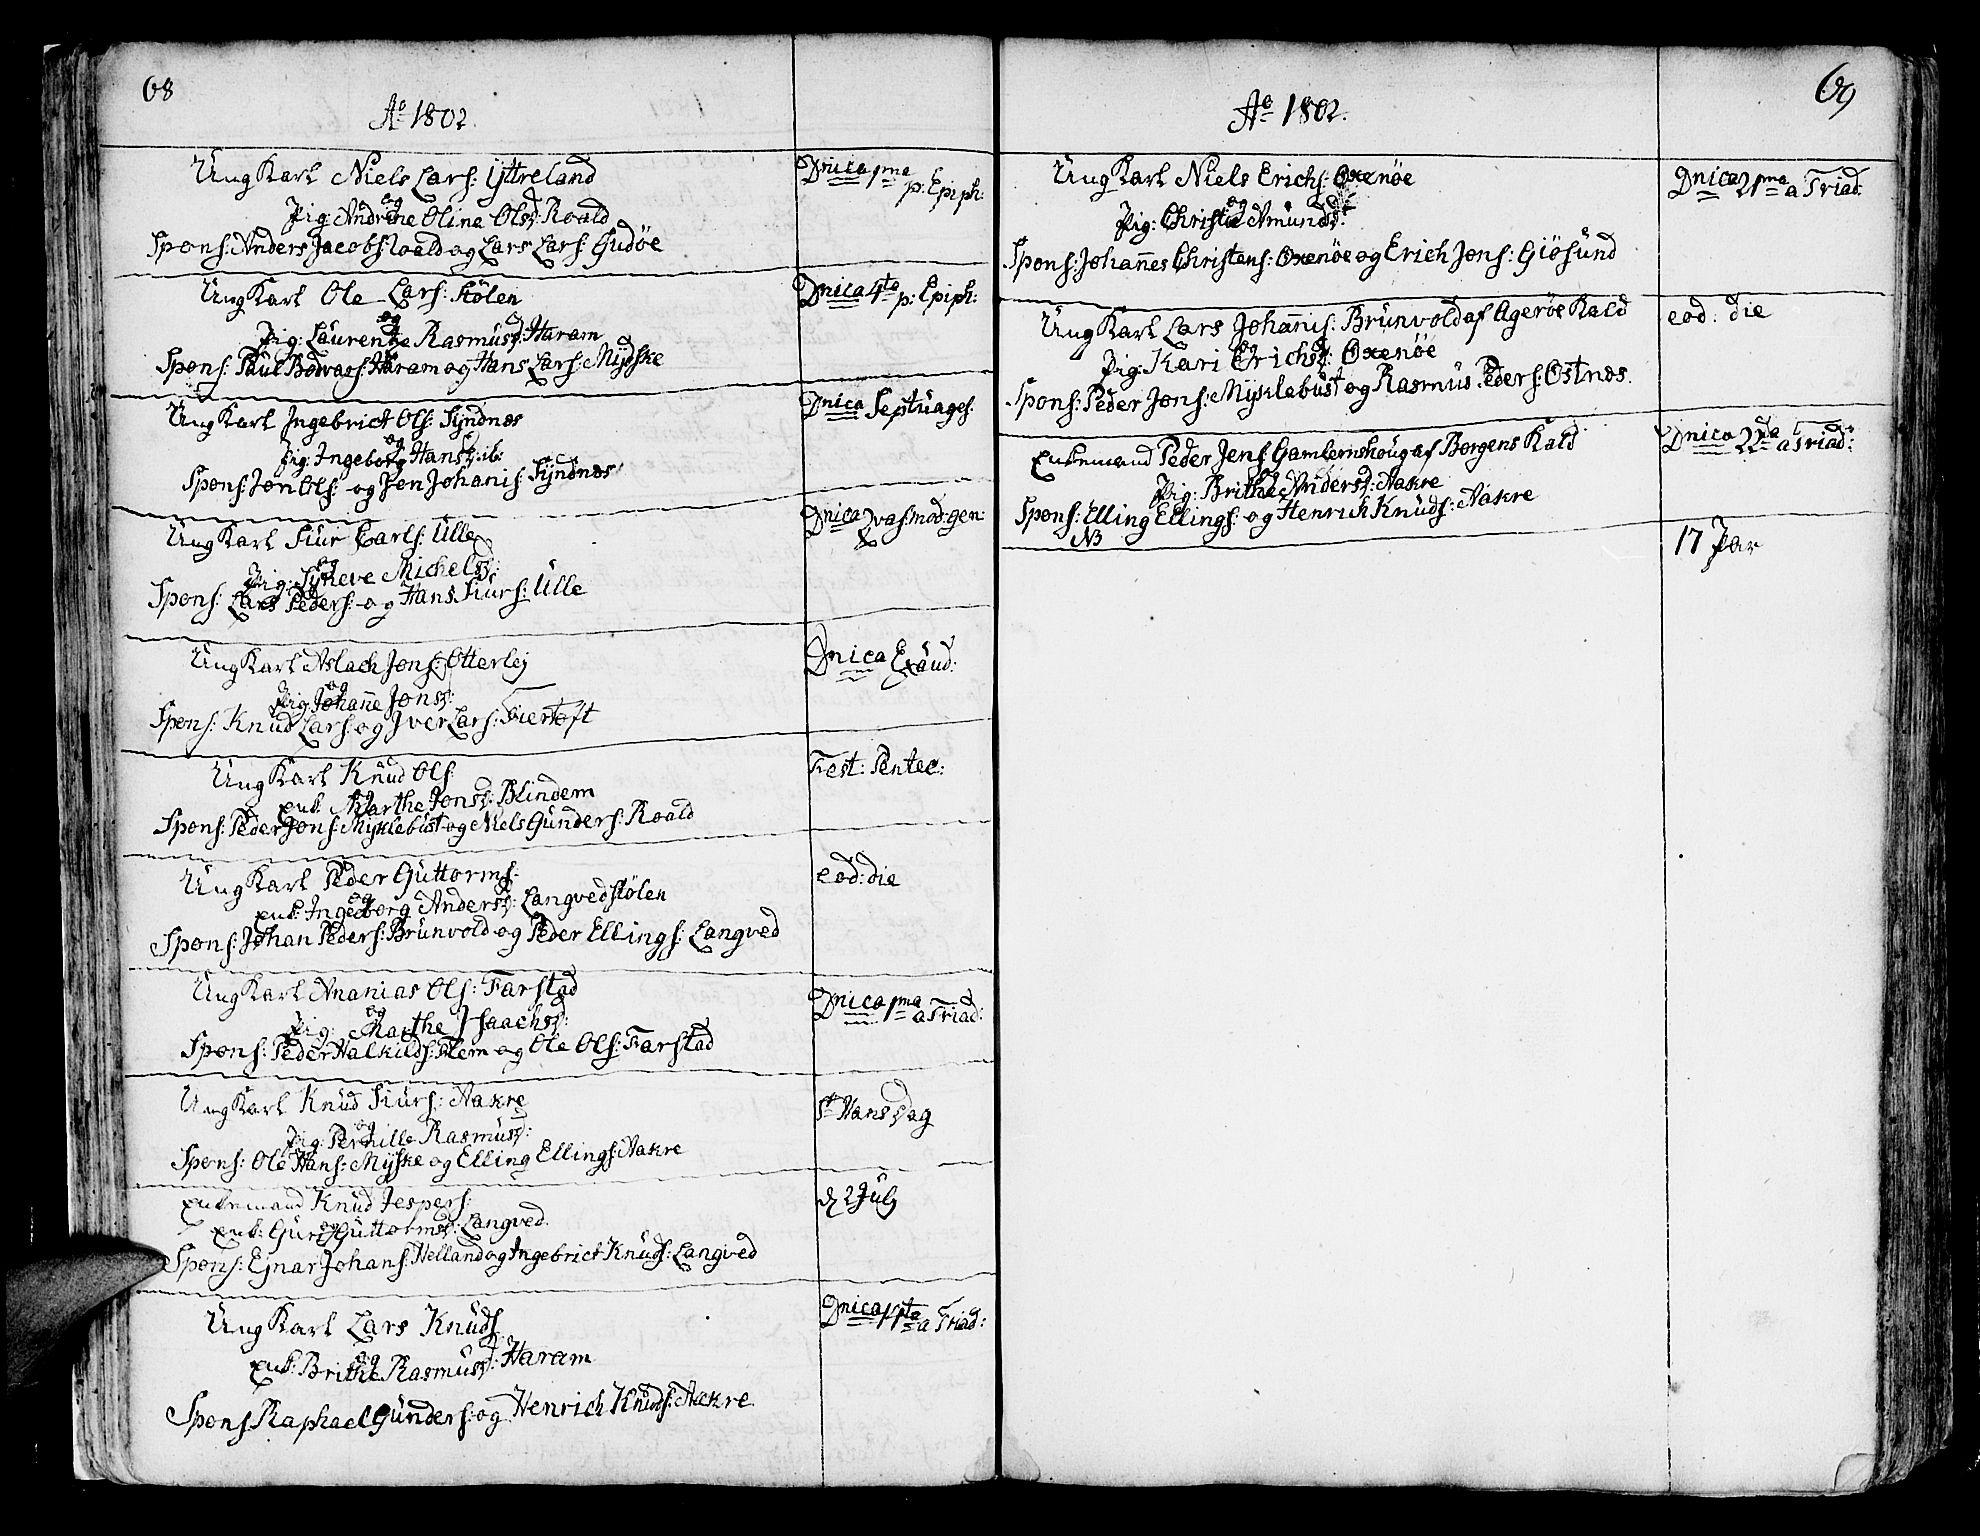 SAT, Ministerialprotokoller, klokkerbøker og fødselsregistre - Møre og Romsdal, 536/L0493: Ministerialbok nr. 536A02, 1739-1802, s. 68-69